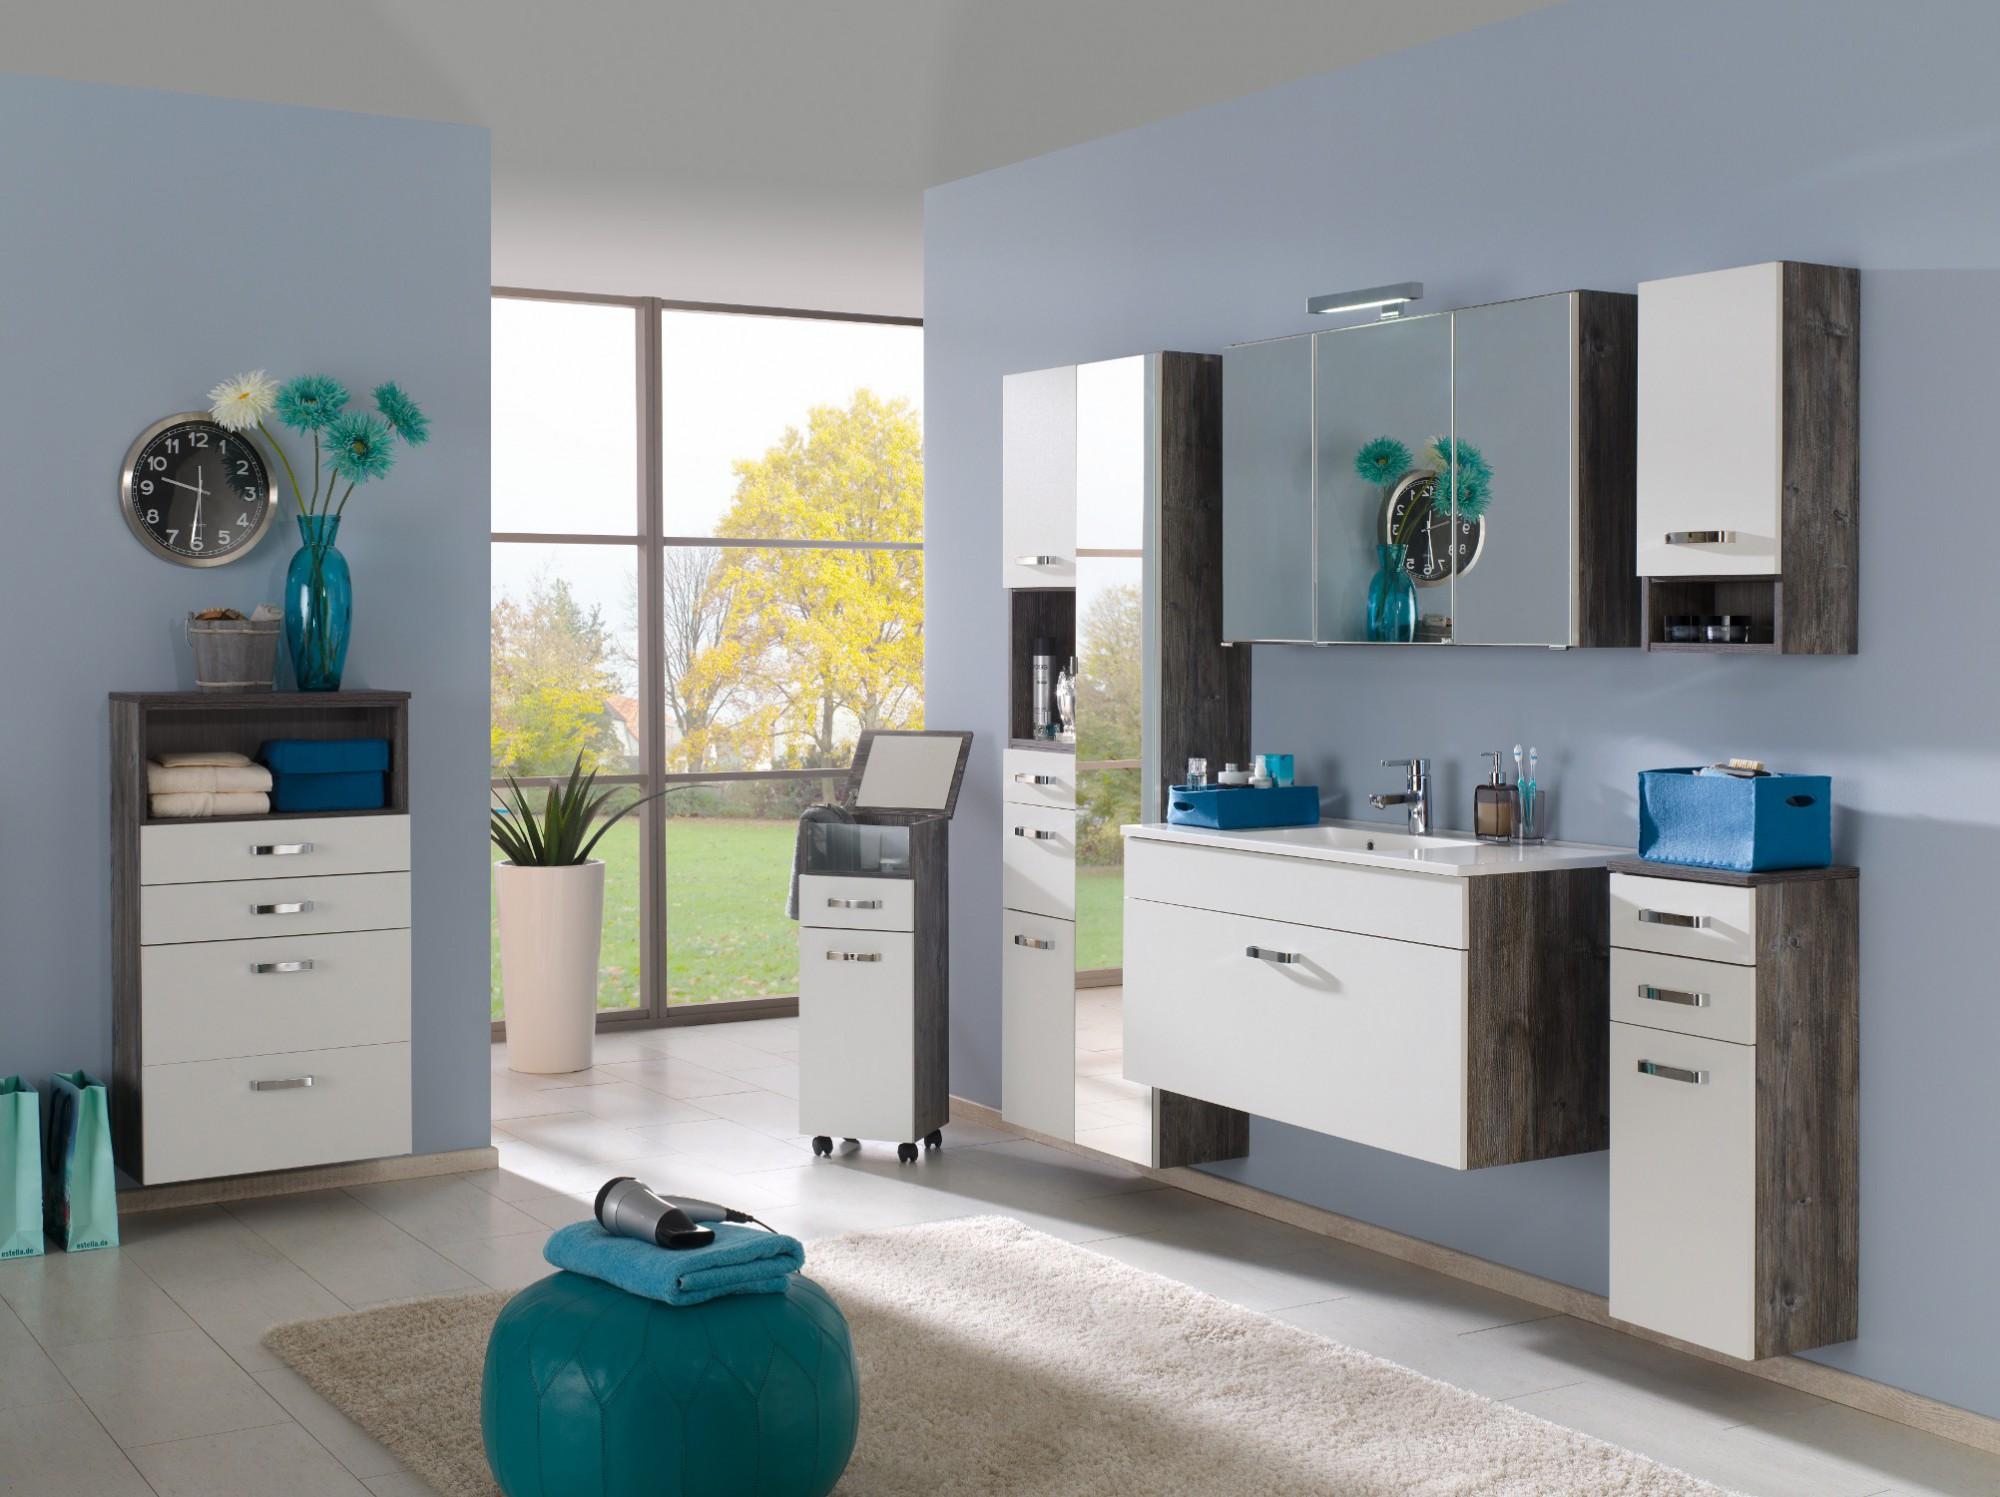 badmöbel-set capri - mit waschtisch und spiegelschrank - 4-teilig, Badezimmer ideen